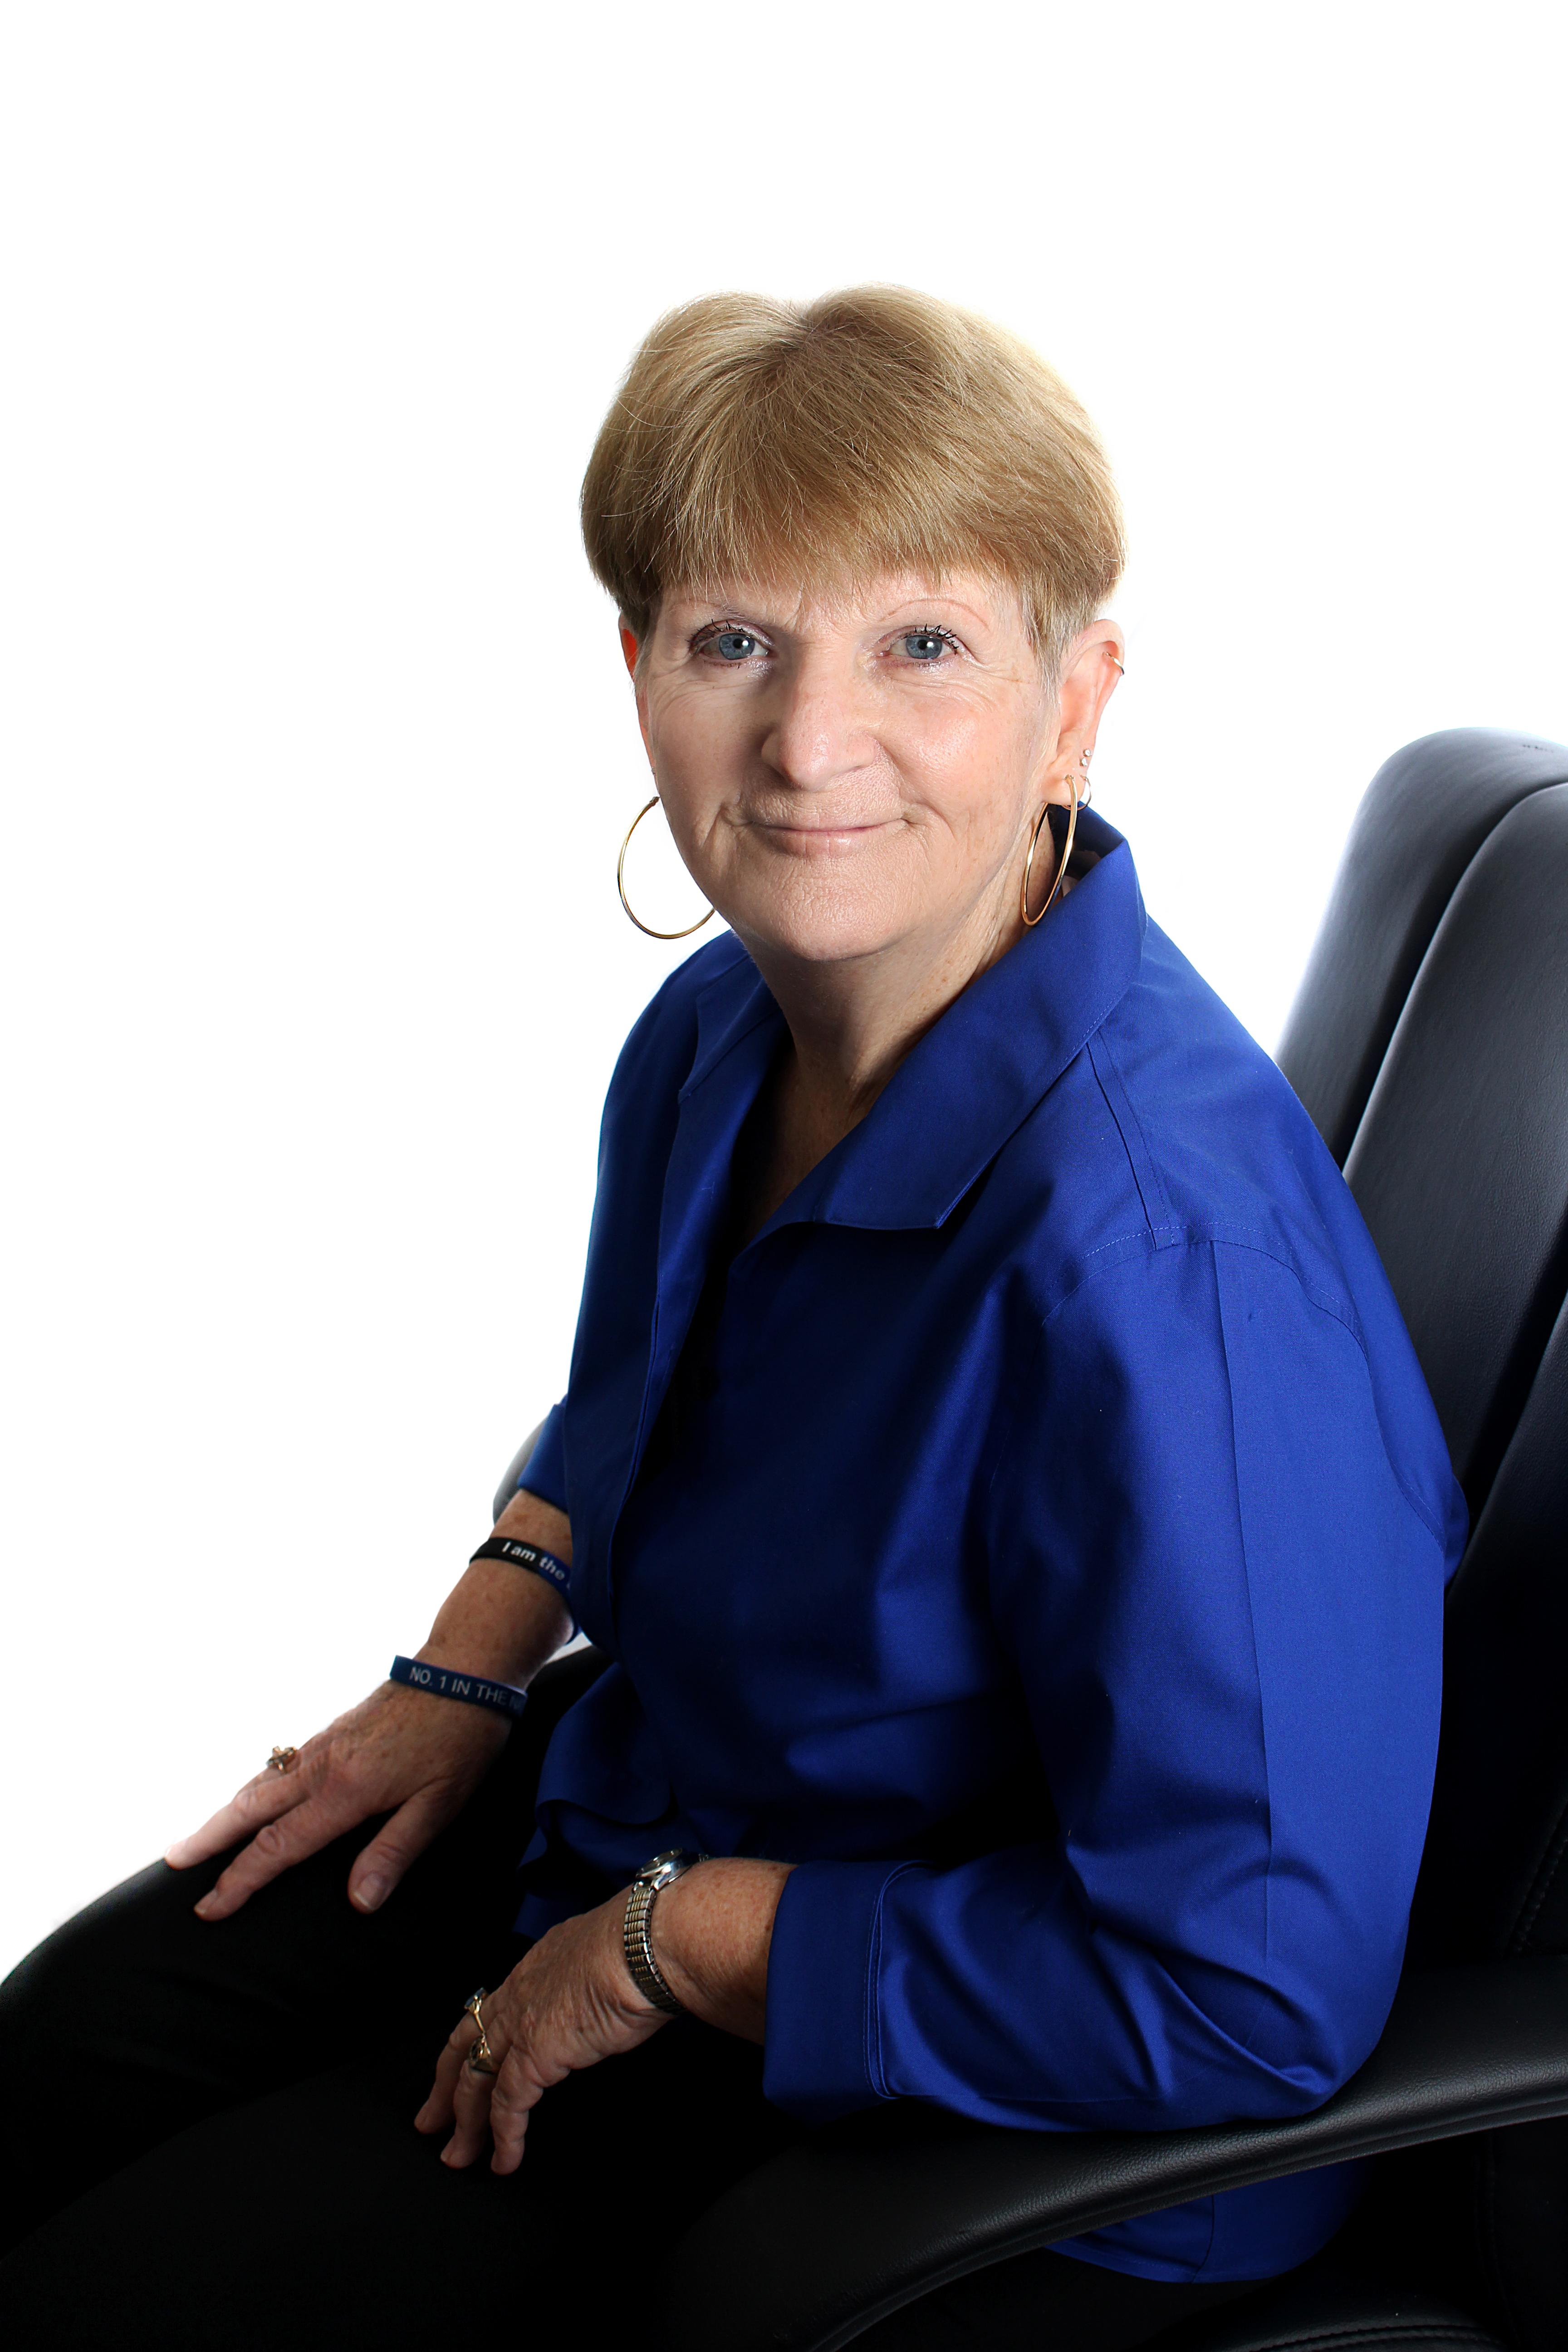 JoAnne Wilkes